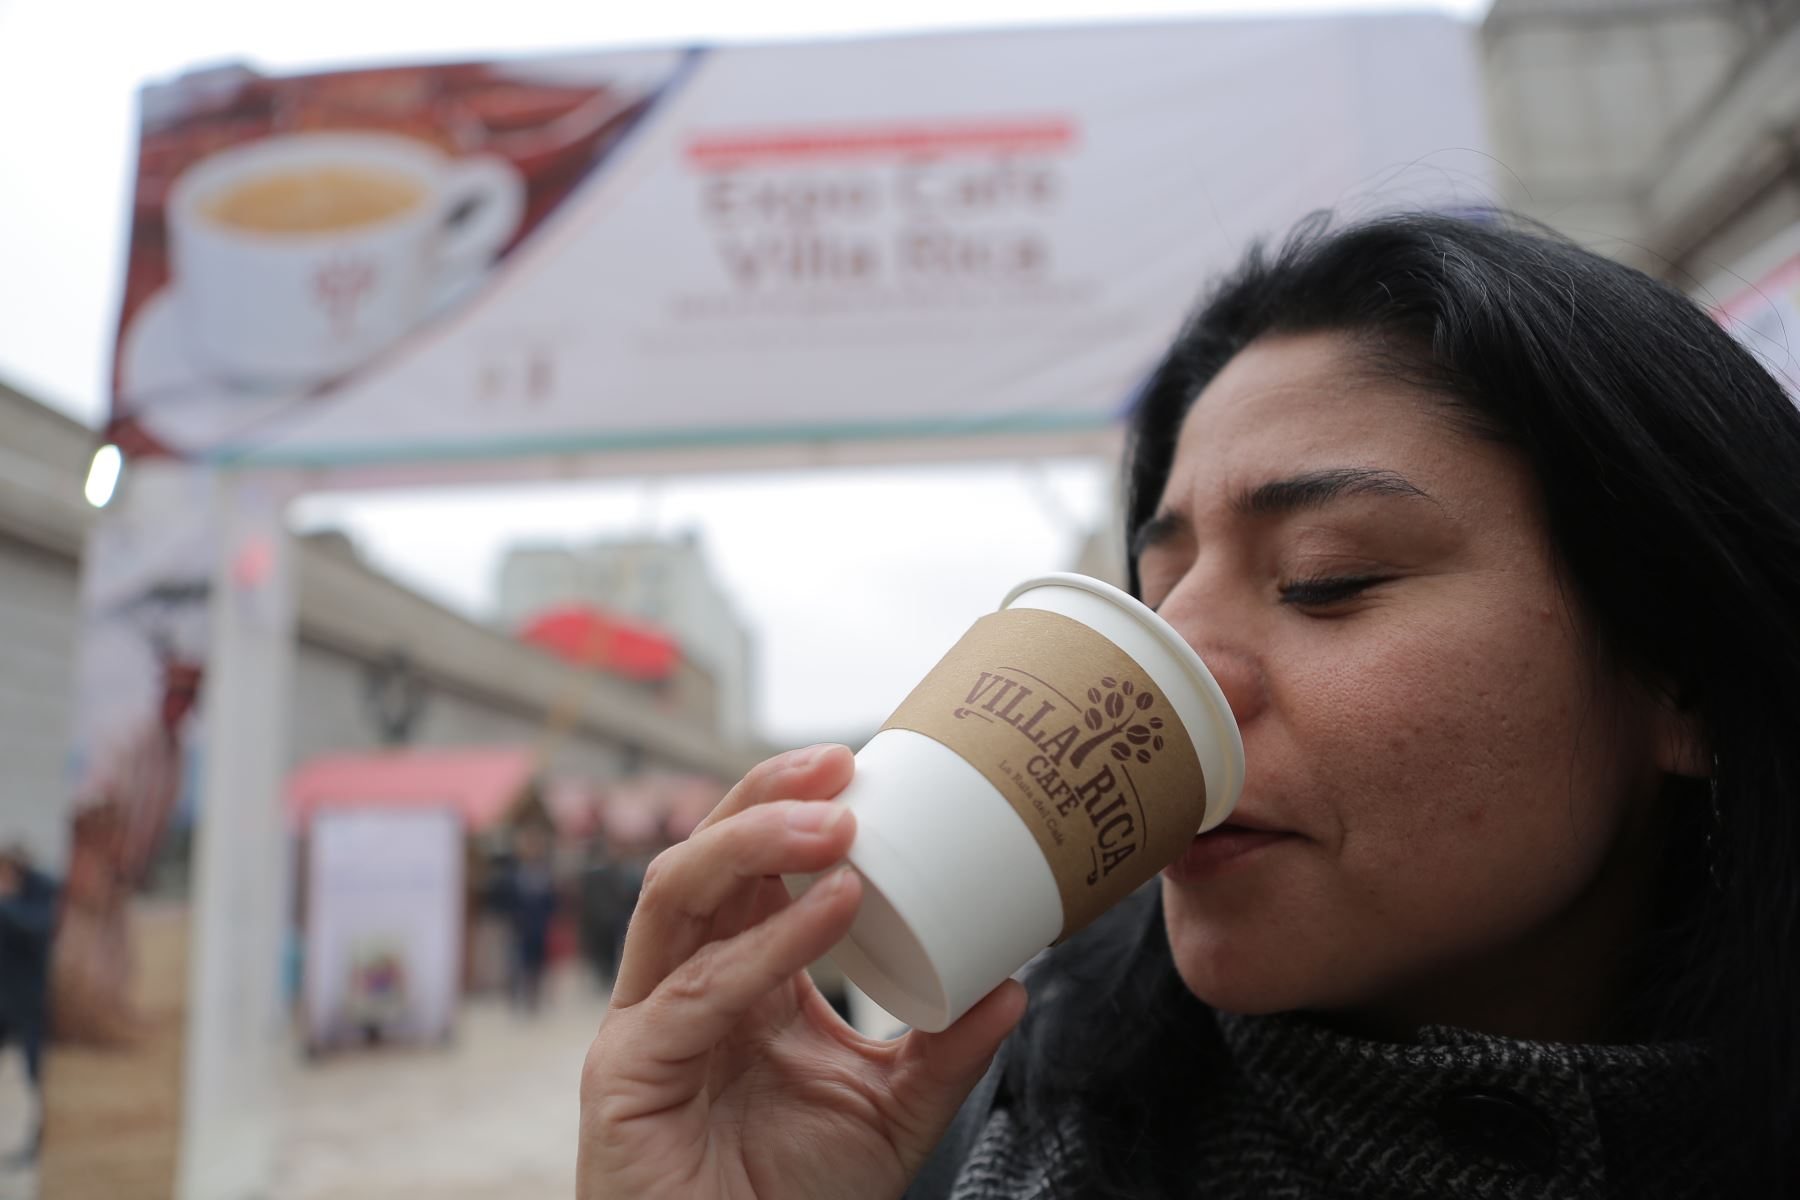 En el Día del Café Peruano, el Ministerio de Agricultura y Riego (Minagri) exhortó a la población a consumir más este producto bandera y lograr que, al año 2021, el consumo aumente a un kilo y medio por persona. ANDINA/Archivo